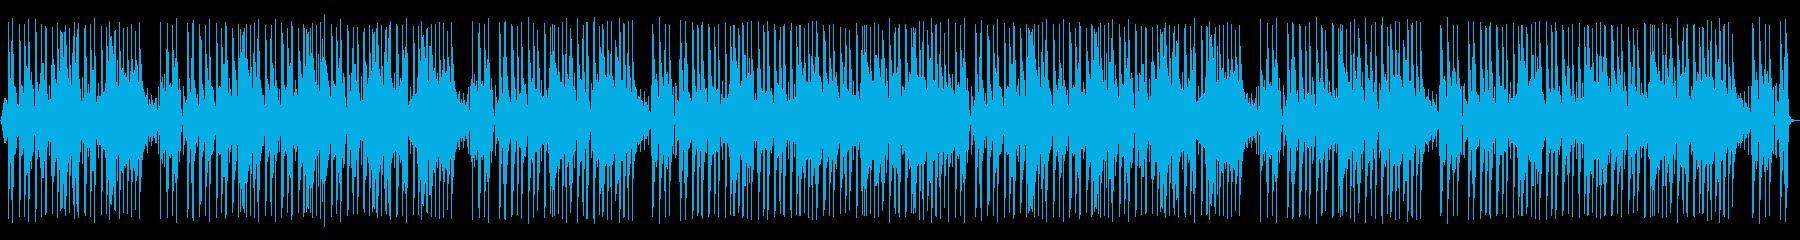 ブラシドラム、クリーンなエレクトリ...の再生済みの波形